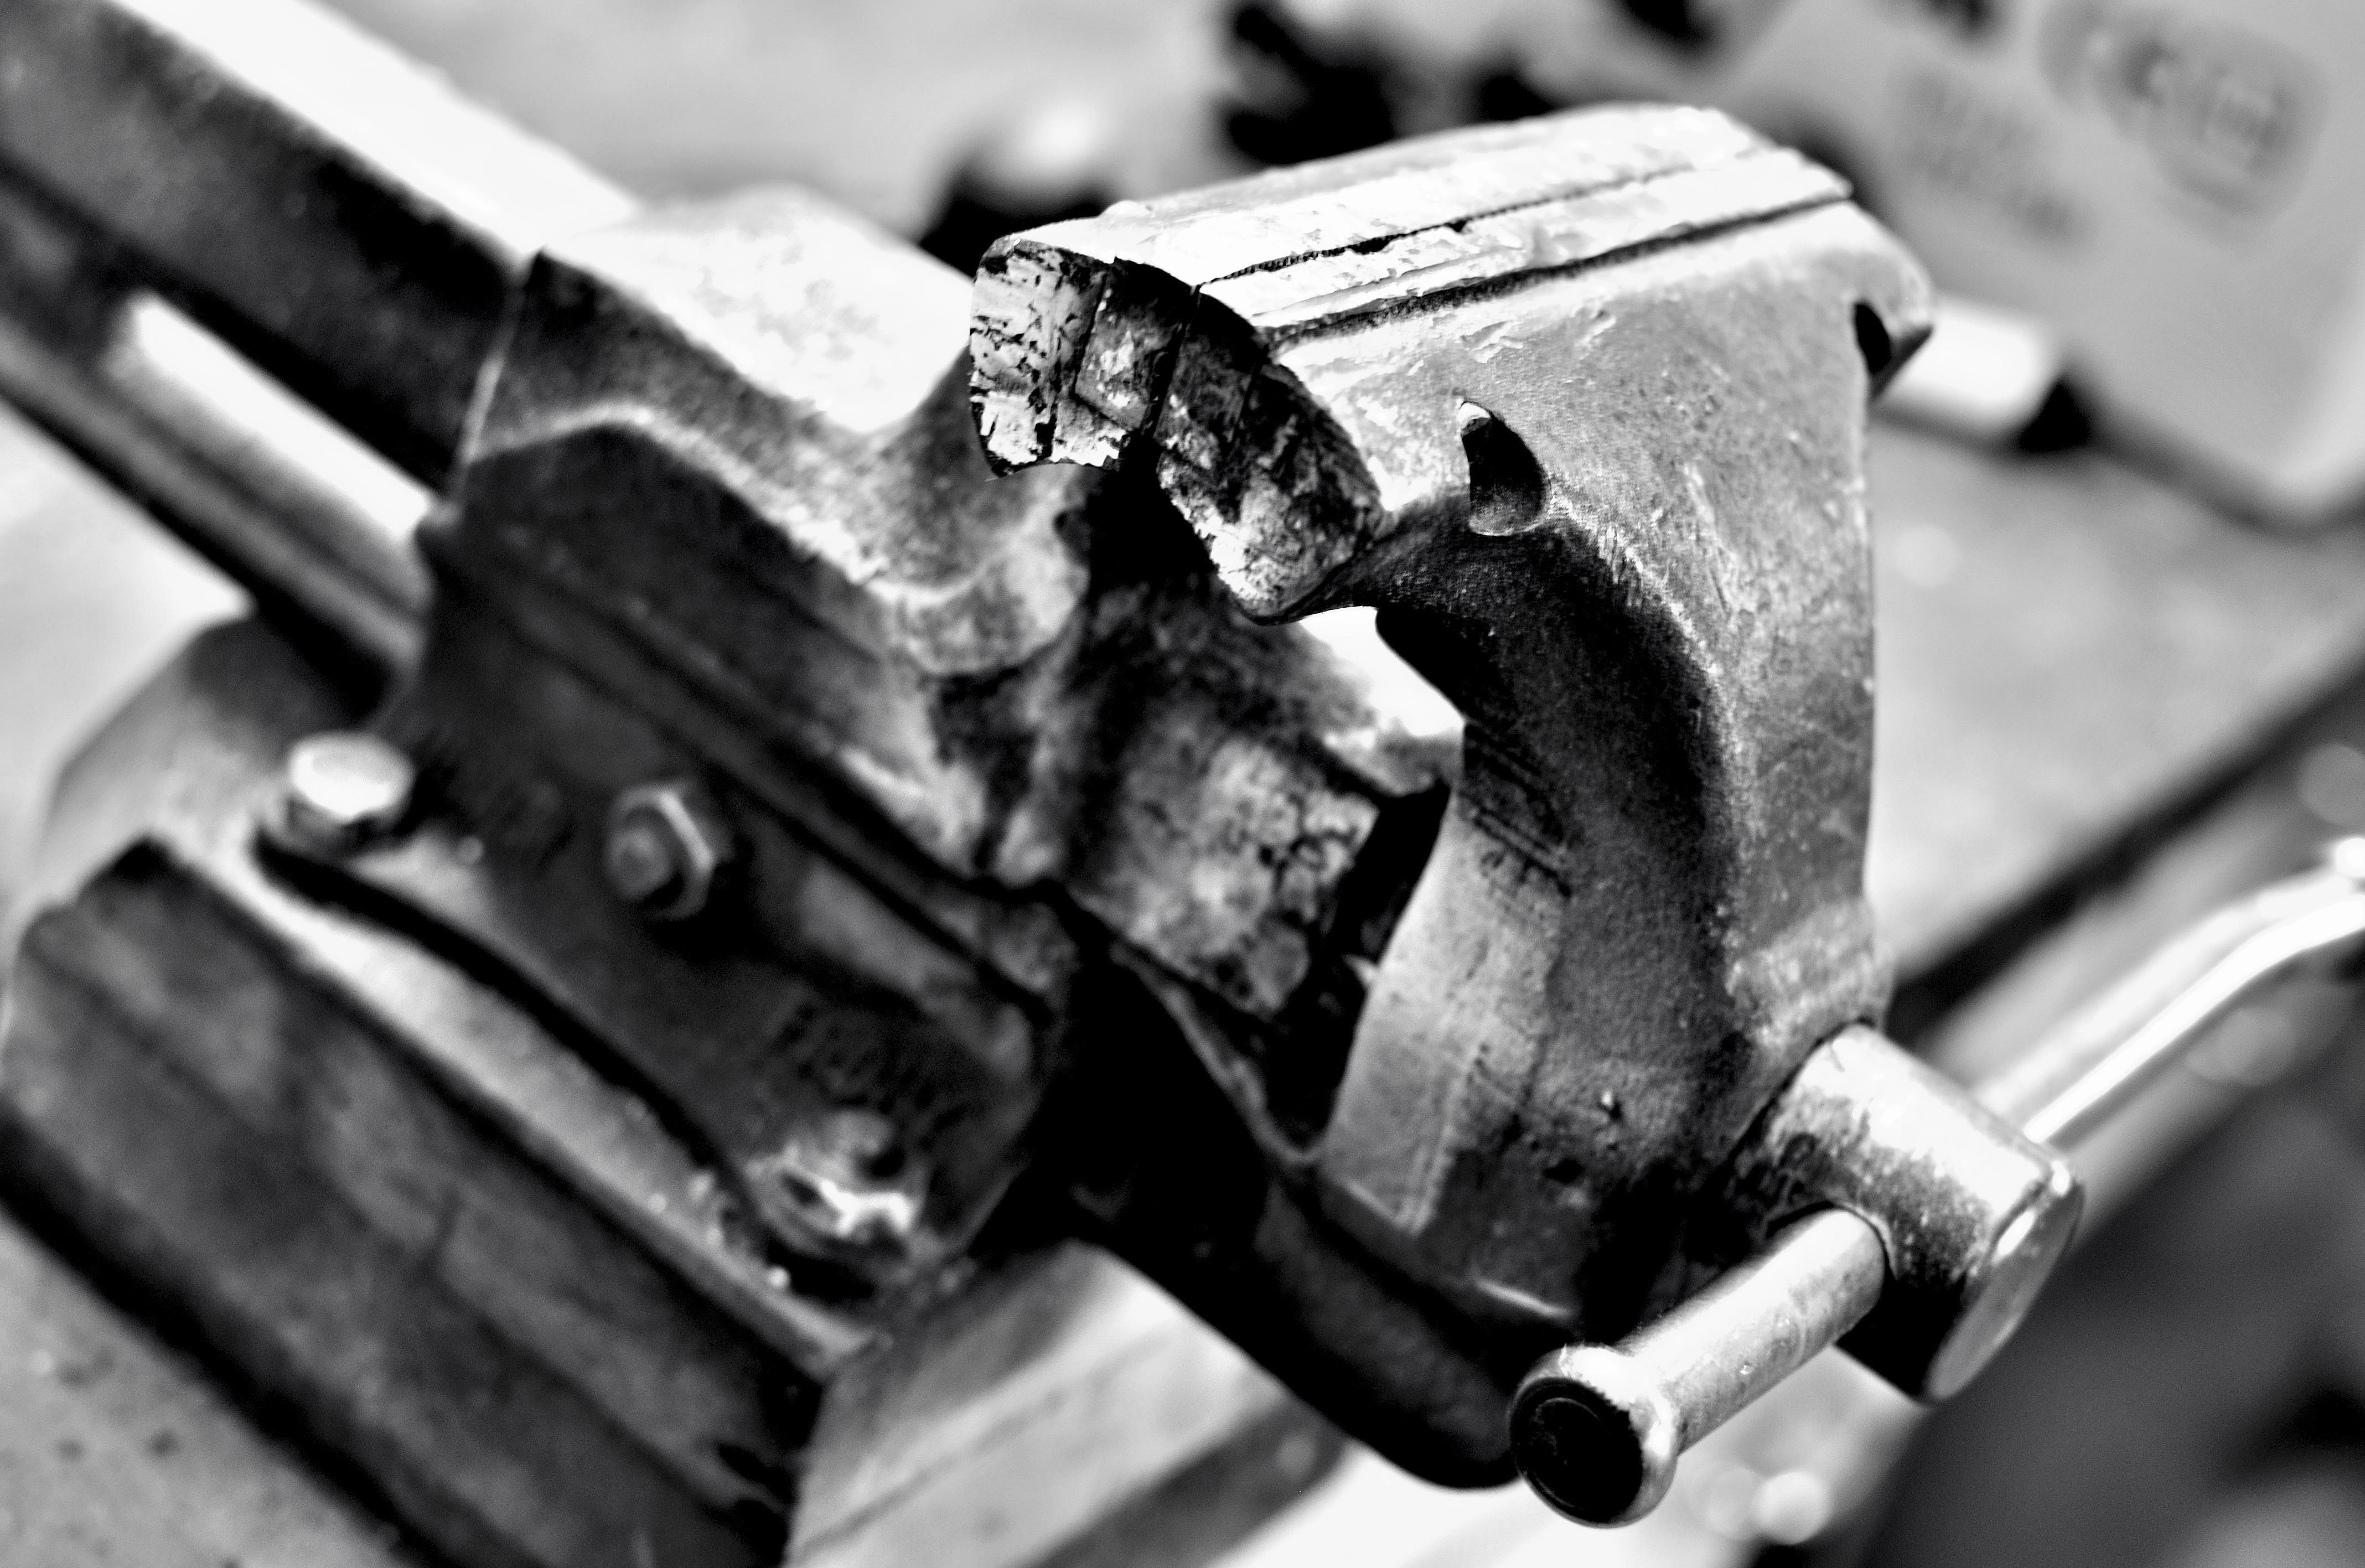 Foto 25 de Mecanizados en Lezo | Mecanizados y Montajes Herro